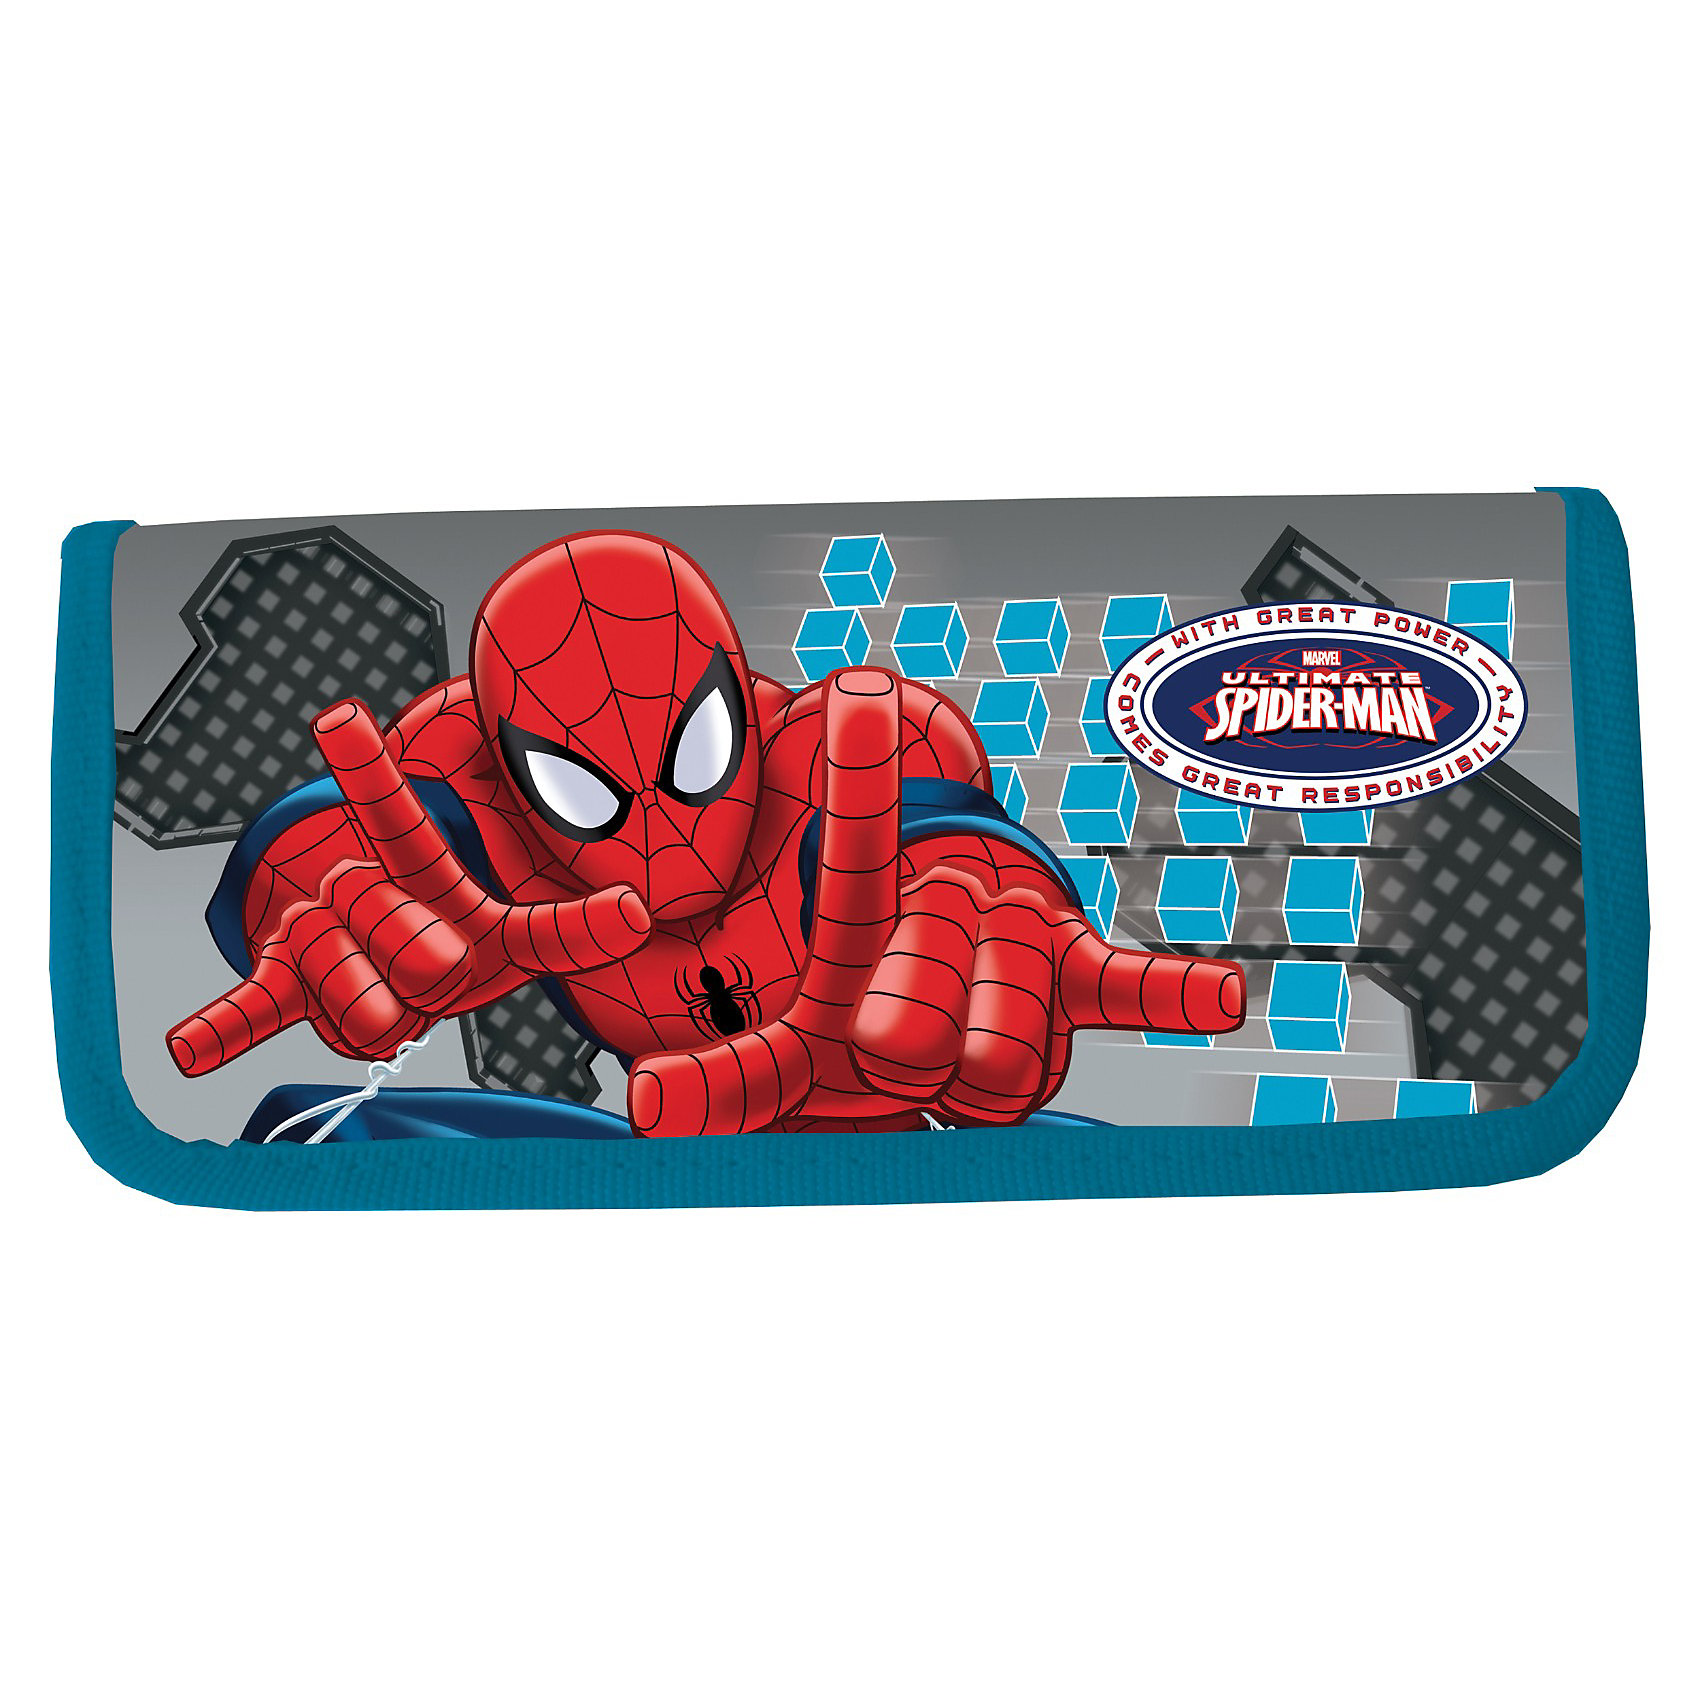 Пенал жесткий, Человек-ПаукПенал жесткий ламинированный Человек Паук понравится поклонникам мультфильма о приключениях необычного героя по имени Spider Man. В таком пенале очень удобно носить все необходимые школьные канцелярские принадлежности.<br>Пенал жесткий ламинированный Spider Man сделан в виде небольшой книжки<br>Внутри пенала имеются крепления для канцелярских принадлежностей<br>Поверхность пенала ламинированная<br>В качестве декора использован рисунок, сделанный по мотивам популярного мультфильма<br>Способ нанесения изображения - конгревное тиснение<br><br>Дополнительная информация:<br><br>- размер пенала: 20 х 9 х 3 см.<br>- материал: полиэстер<br><br>Пенал ламинированный Человек Паук  можно купить в нашем магазине.<br><br>Ширина мм: 210<br>Глубина мм: 90<br>Высота мм: 30<br>Вес г: 37<br>Возраст от месяцев: 48<br>Возраст до месяцев: 84<br>Пол: Мужской<br>Возраст: Детский<br>SKU: 3562972